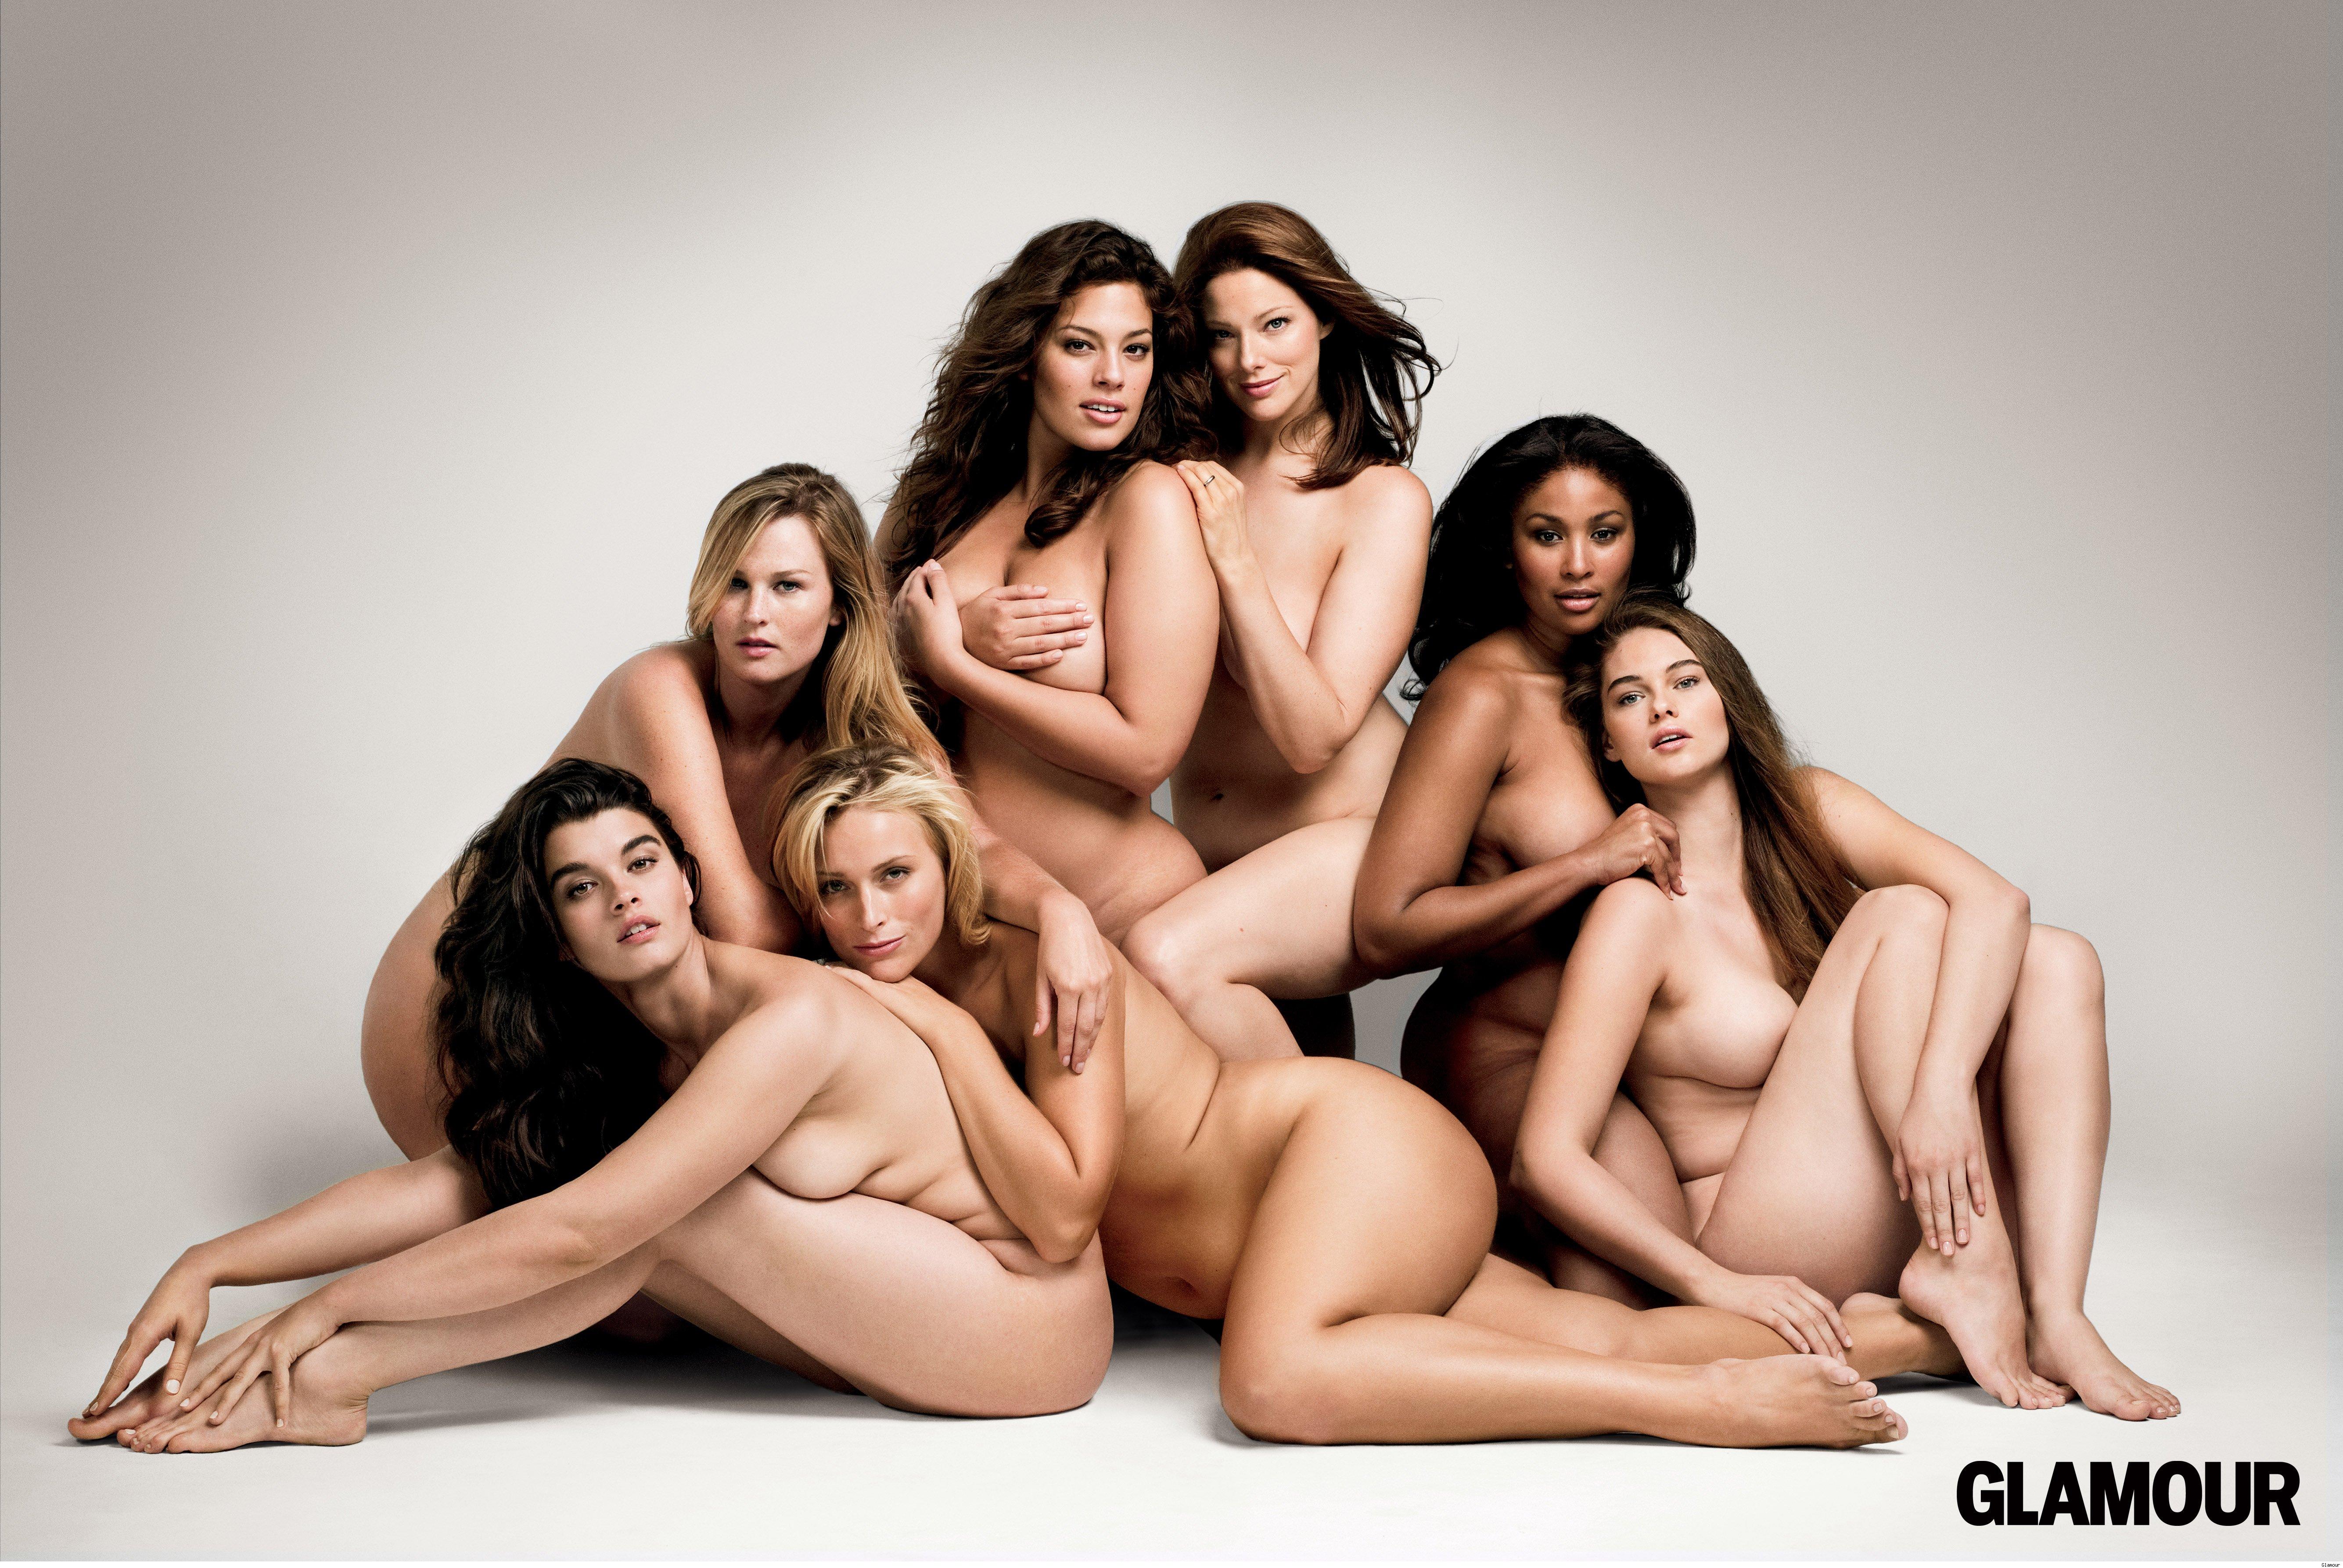 Bare breast mod nude scenes